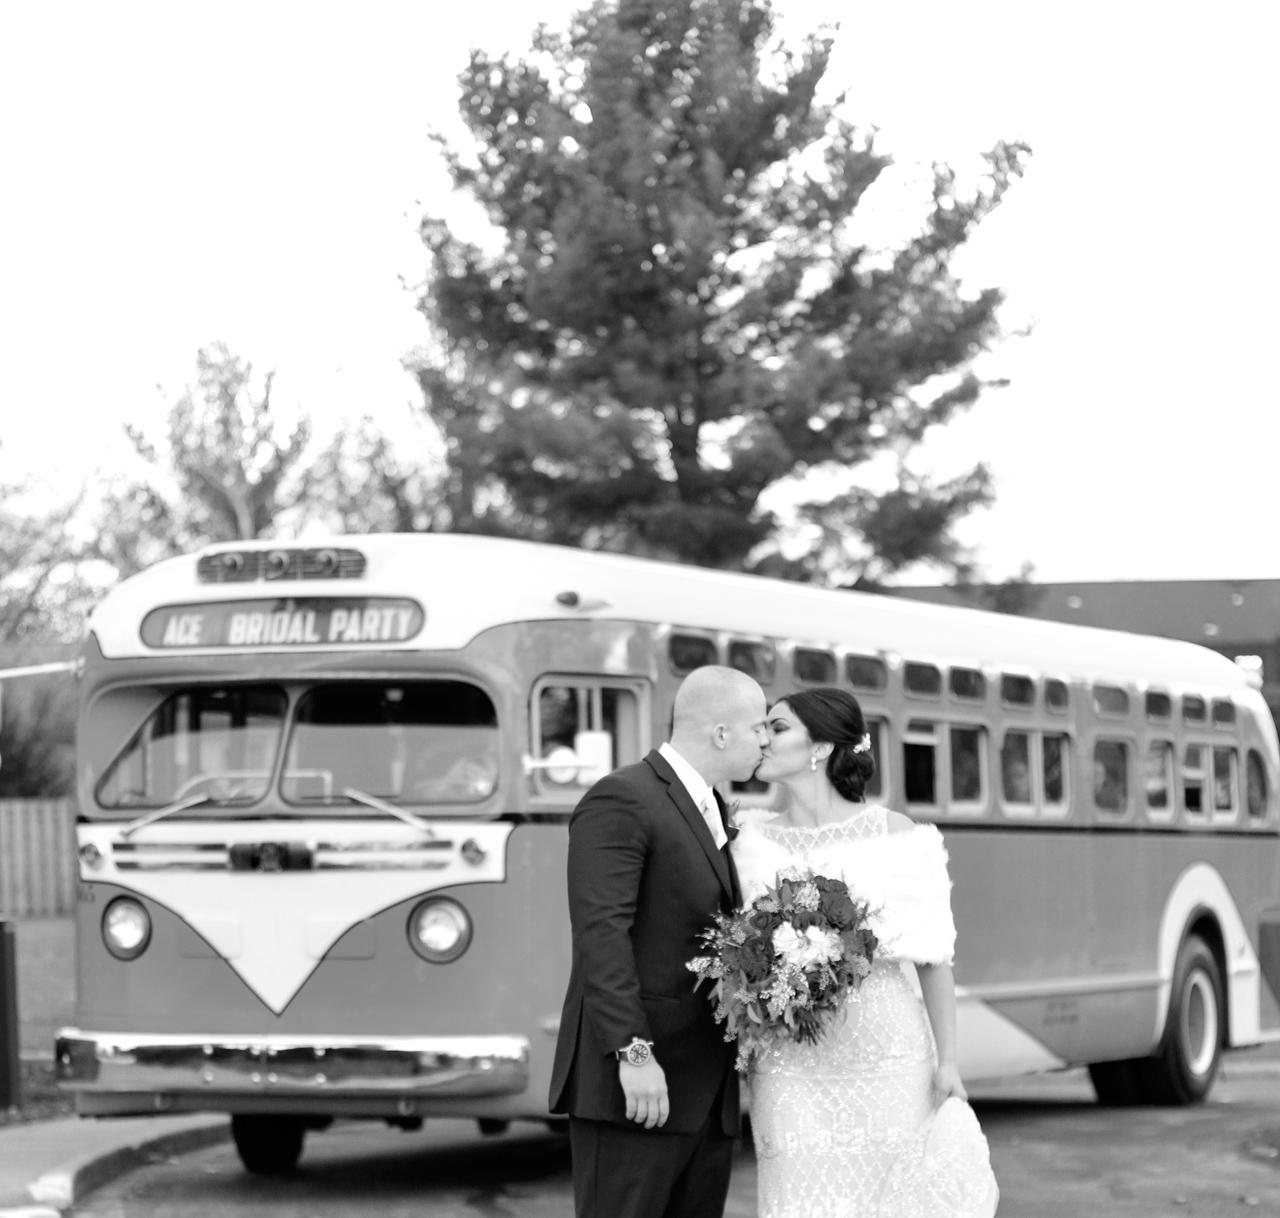 bride-groom-antique-bus